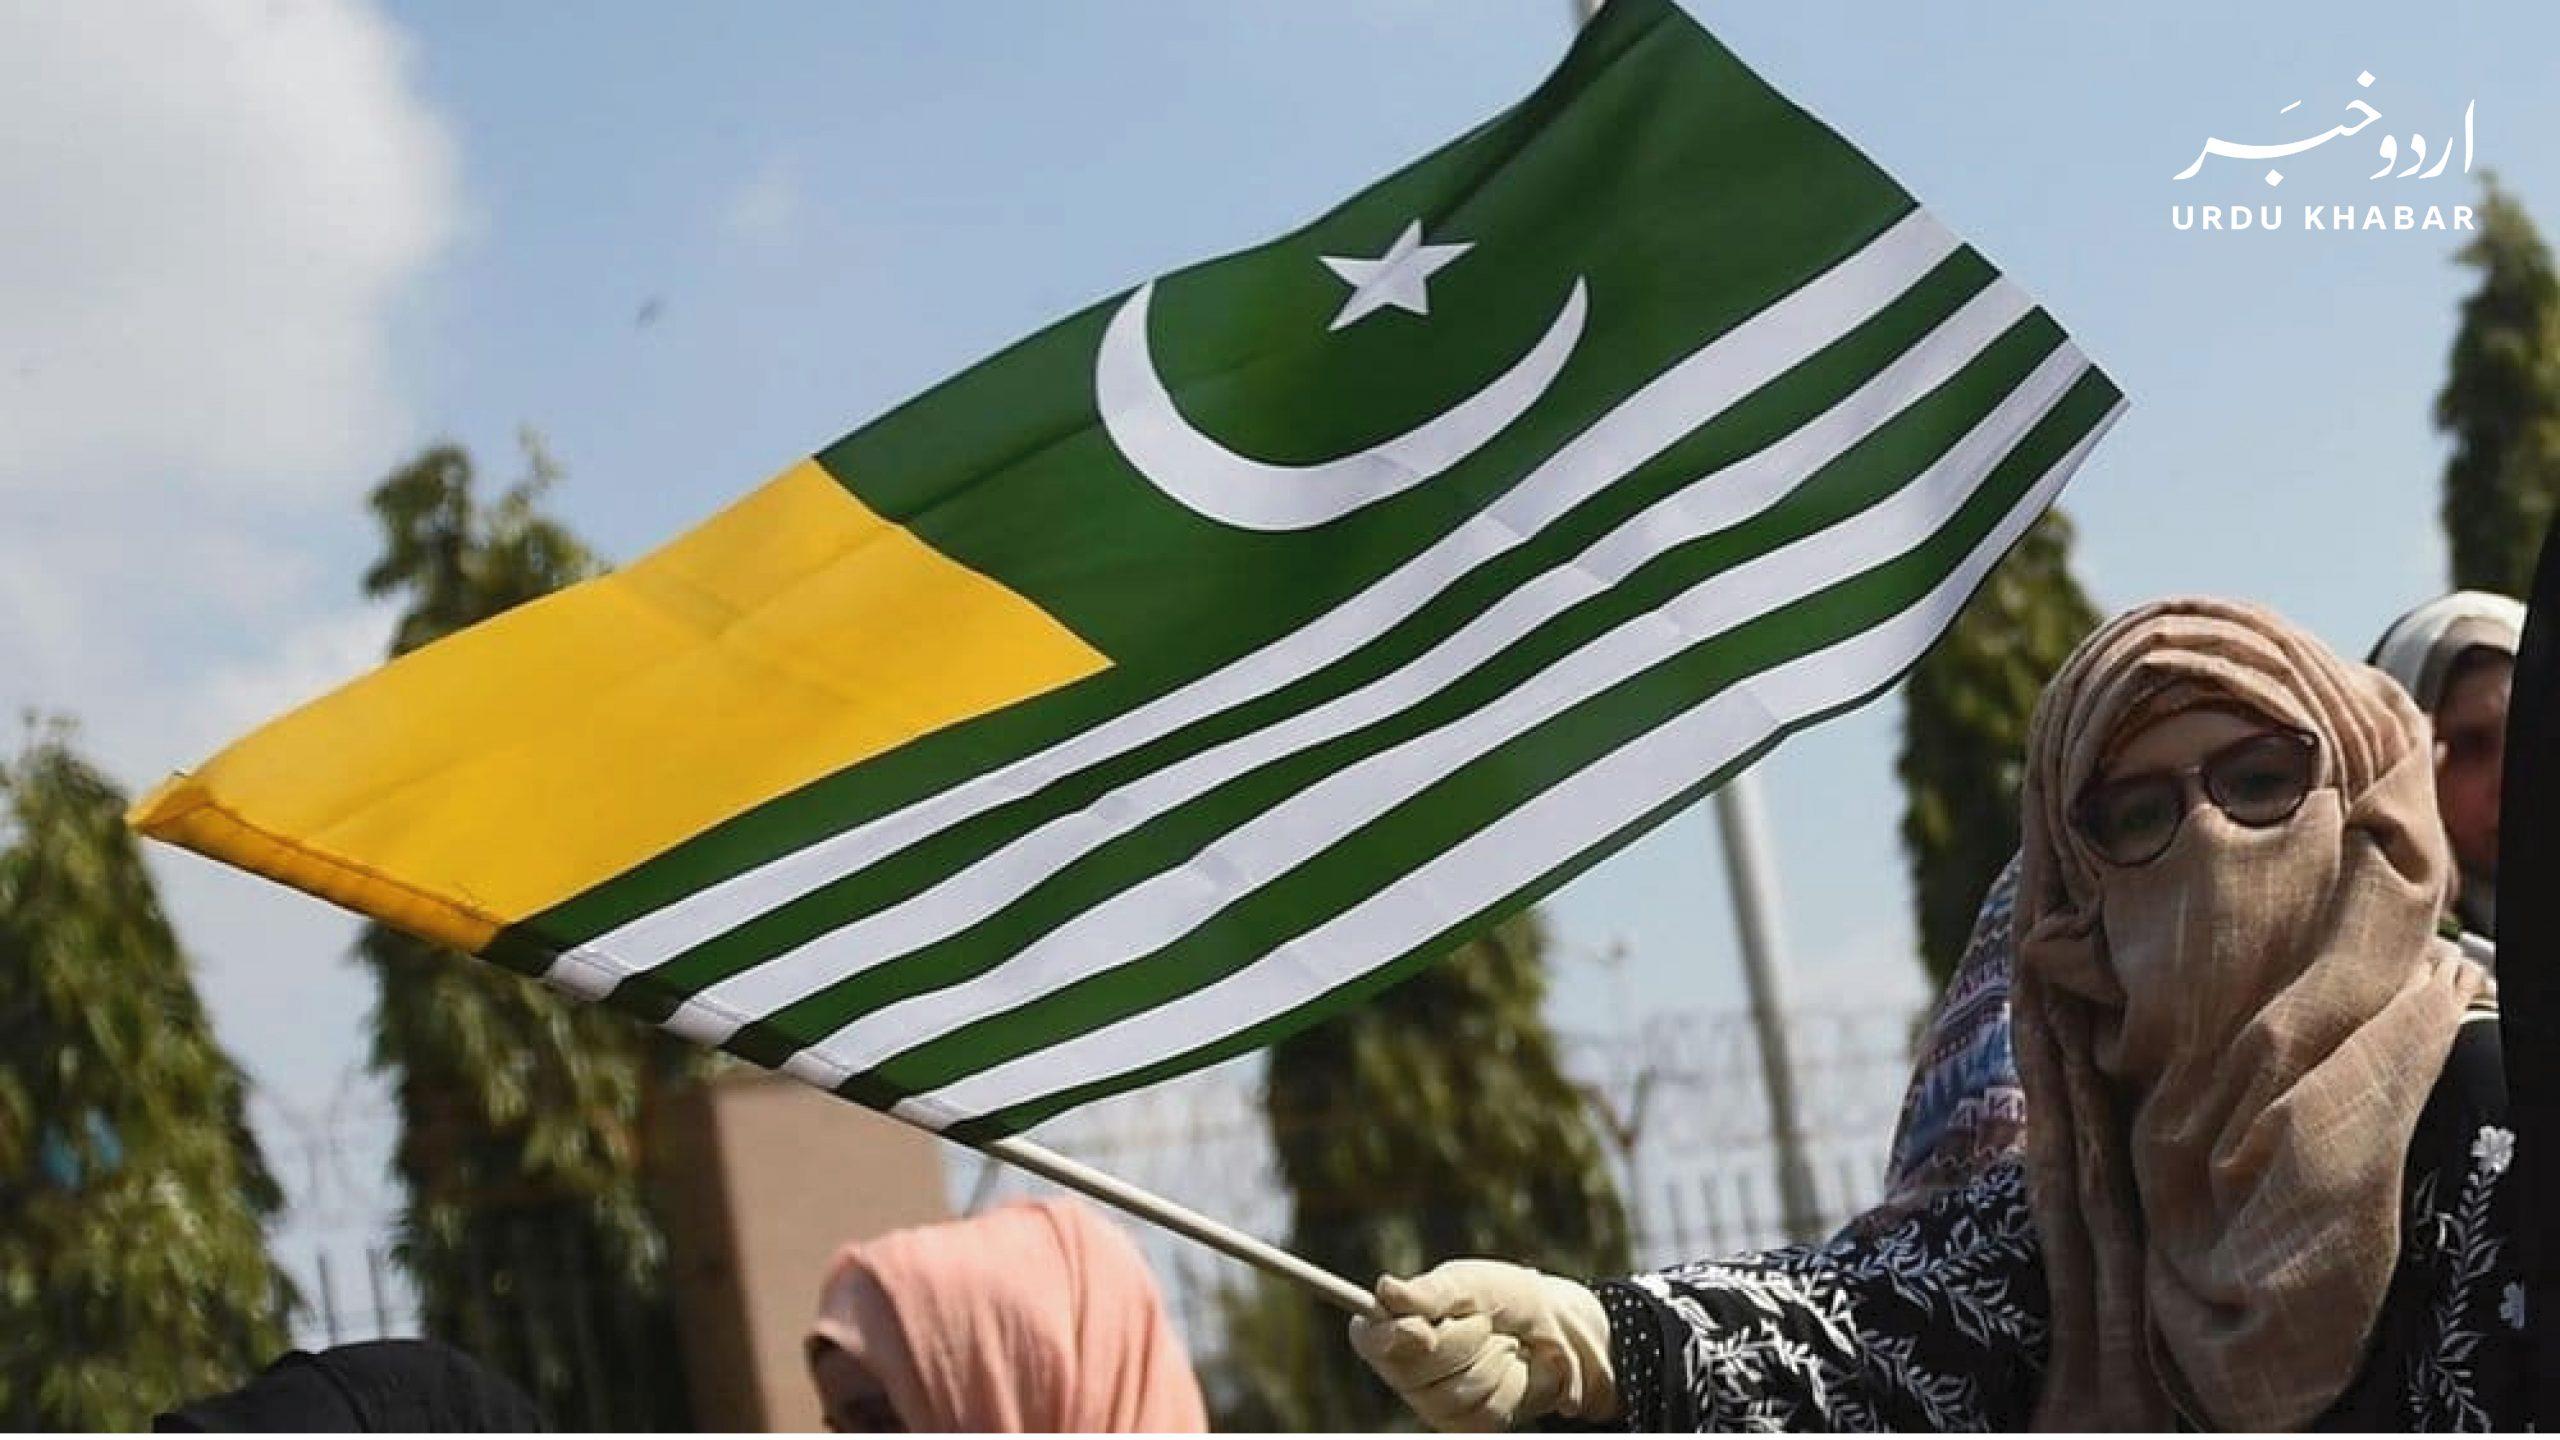 پاکستان کی کشمیر سے اظہار یکجہتی، عام تعطیل